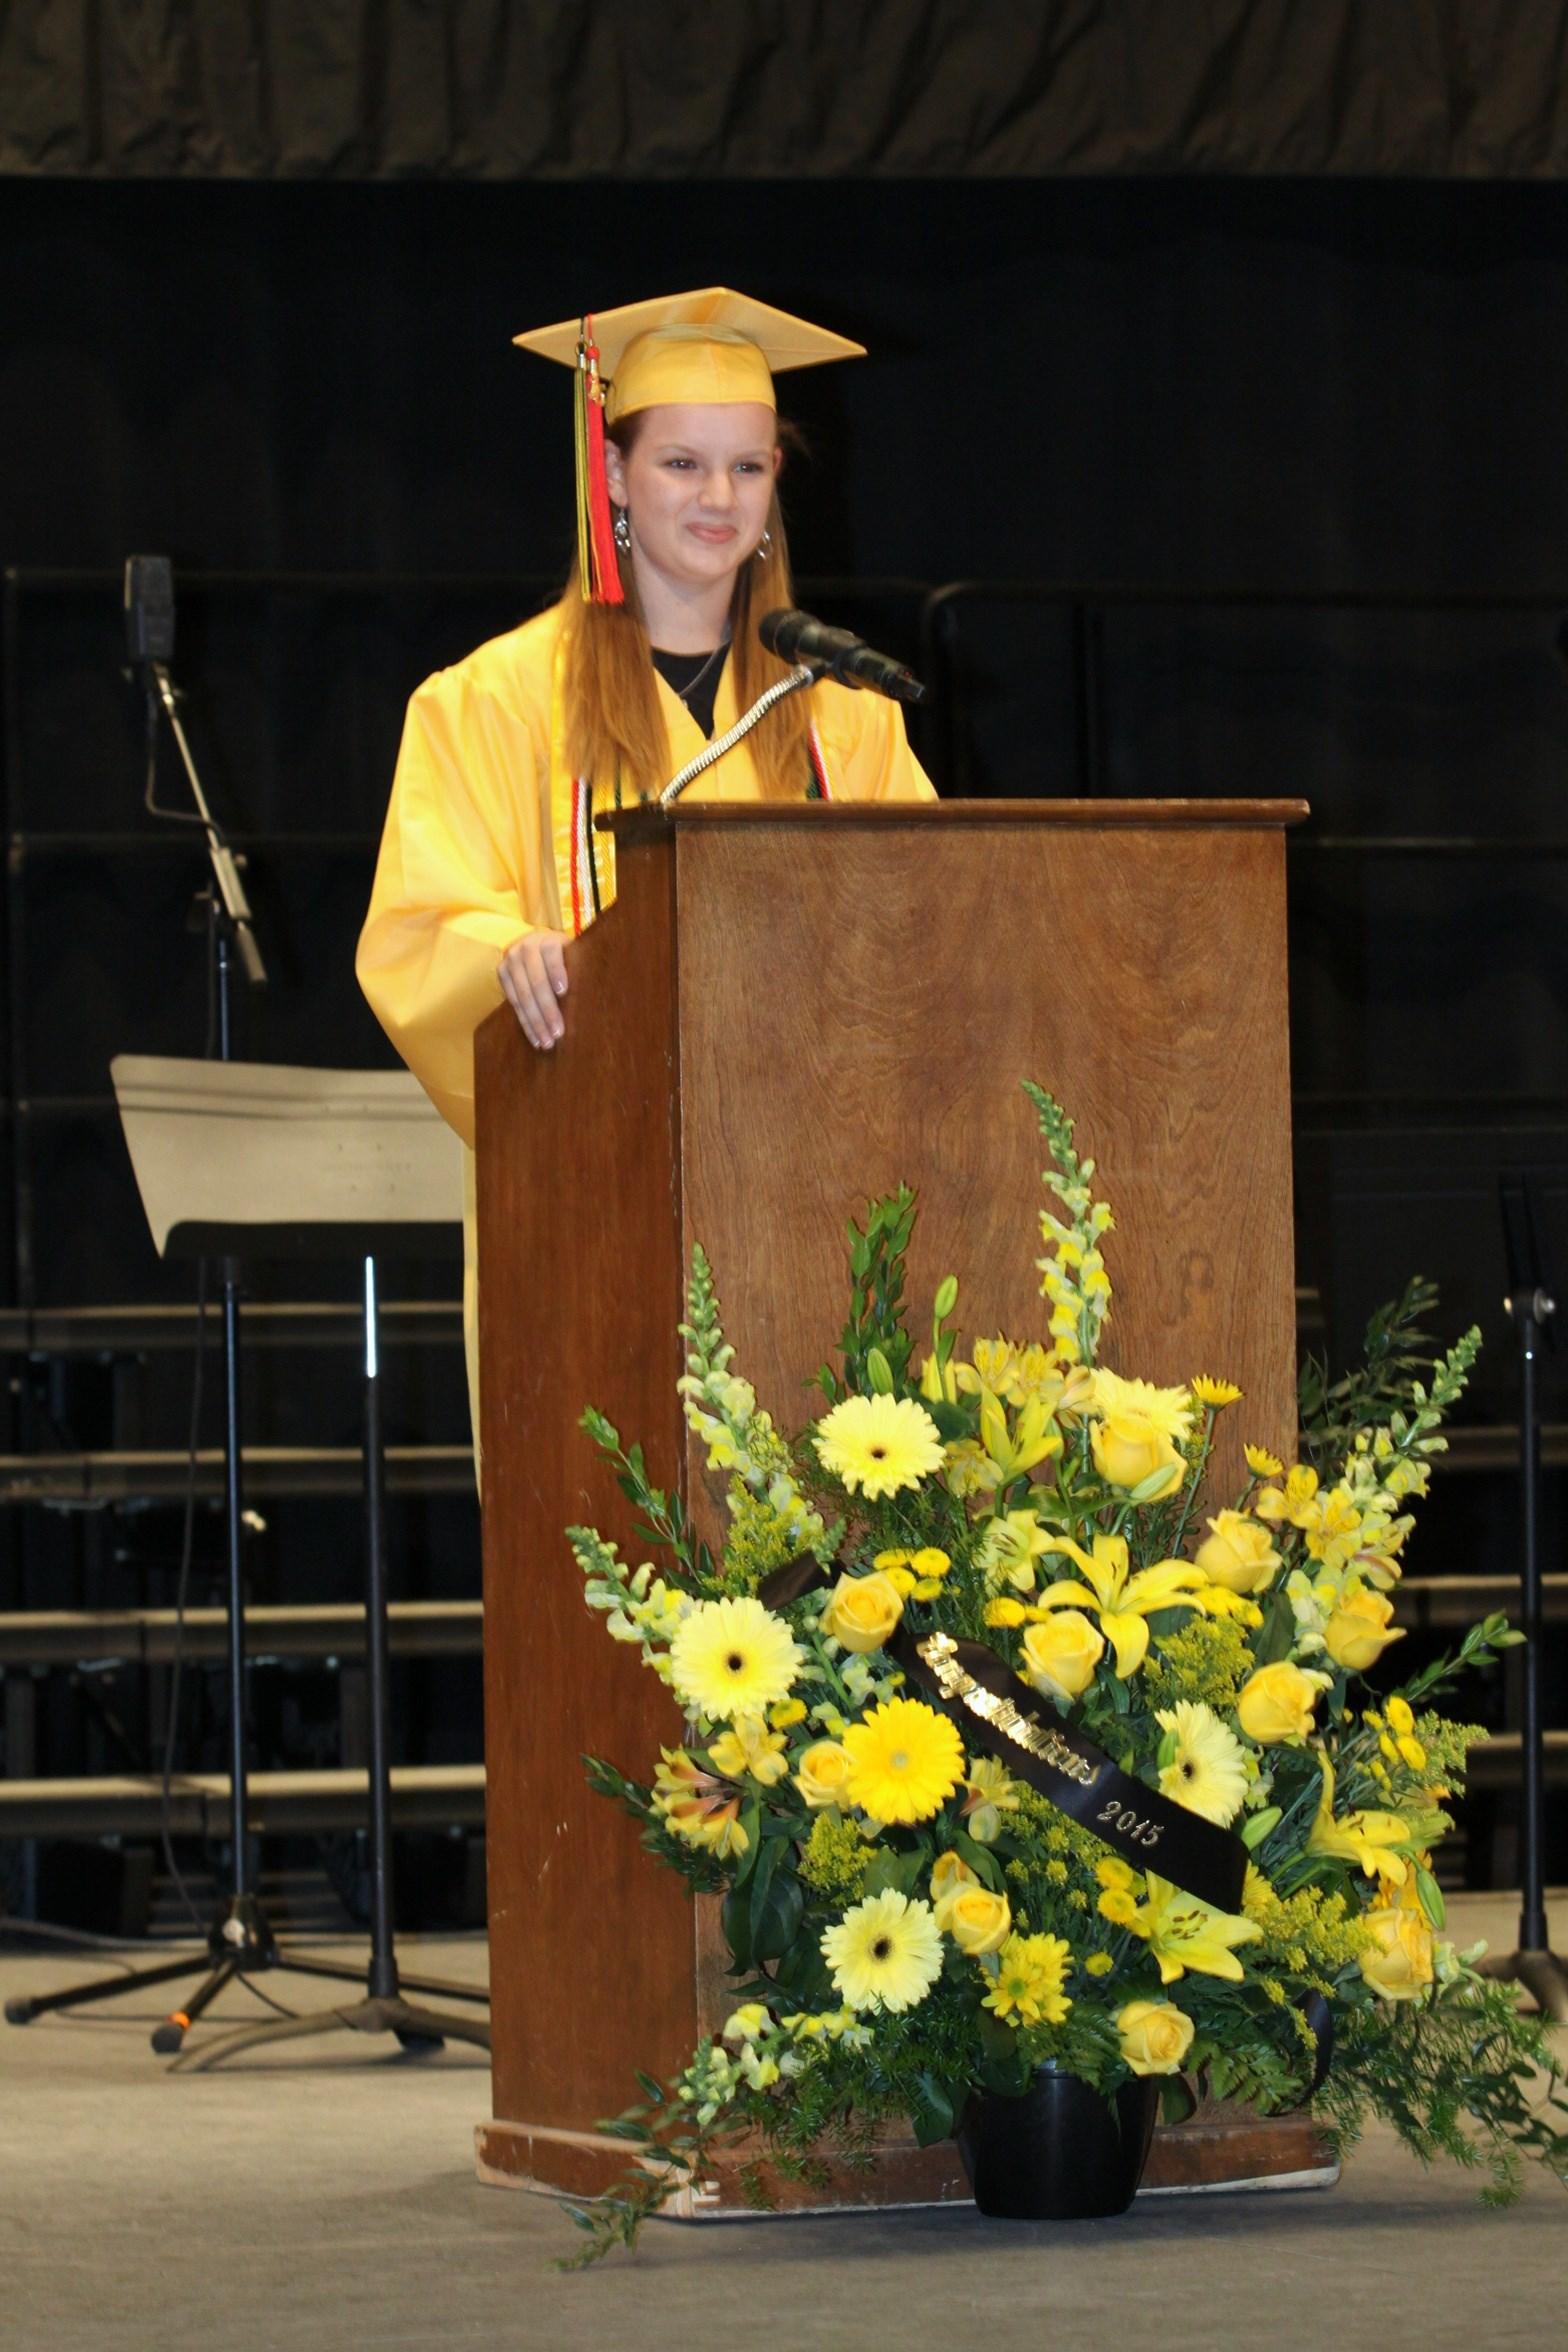 Class President Emily Vinson